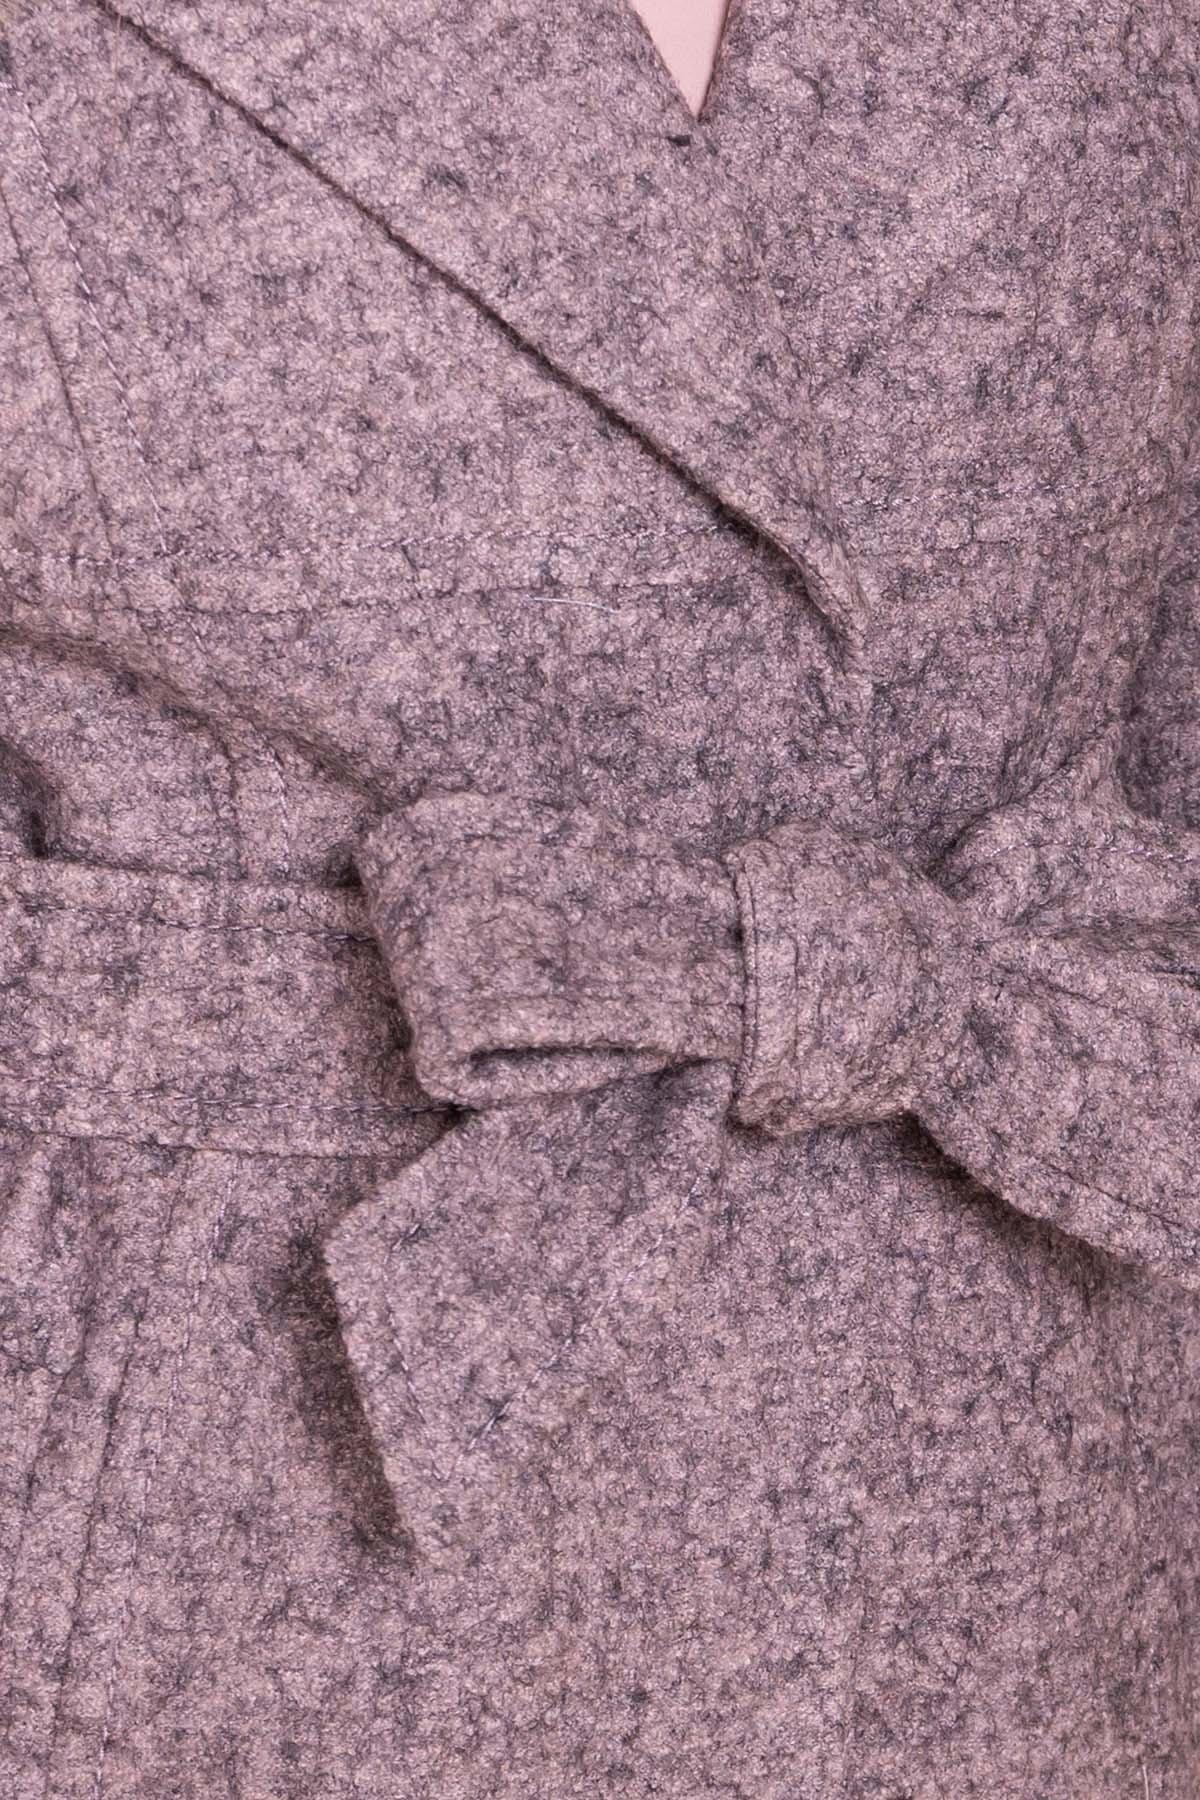 Пальто весна-осень c приспущенной линией плеча Фентези лайт 6365 АРТ. 41230 Цвет: Серо-розовый LW-25 - фото 18, интернет магазин tm-modus.ru